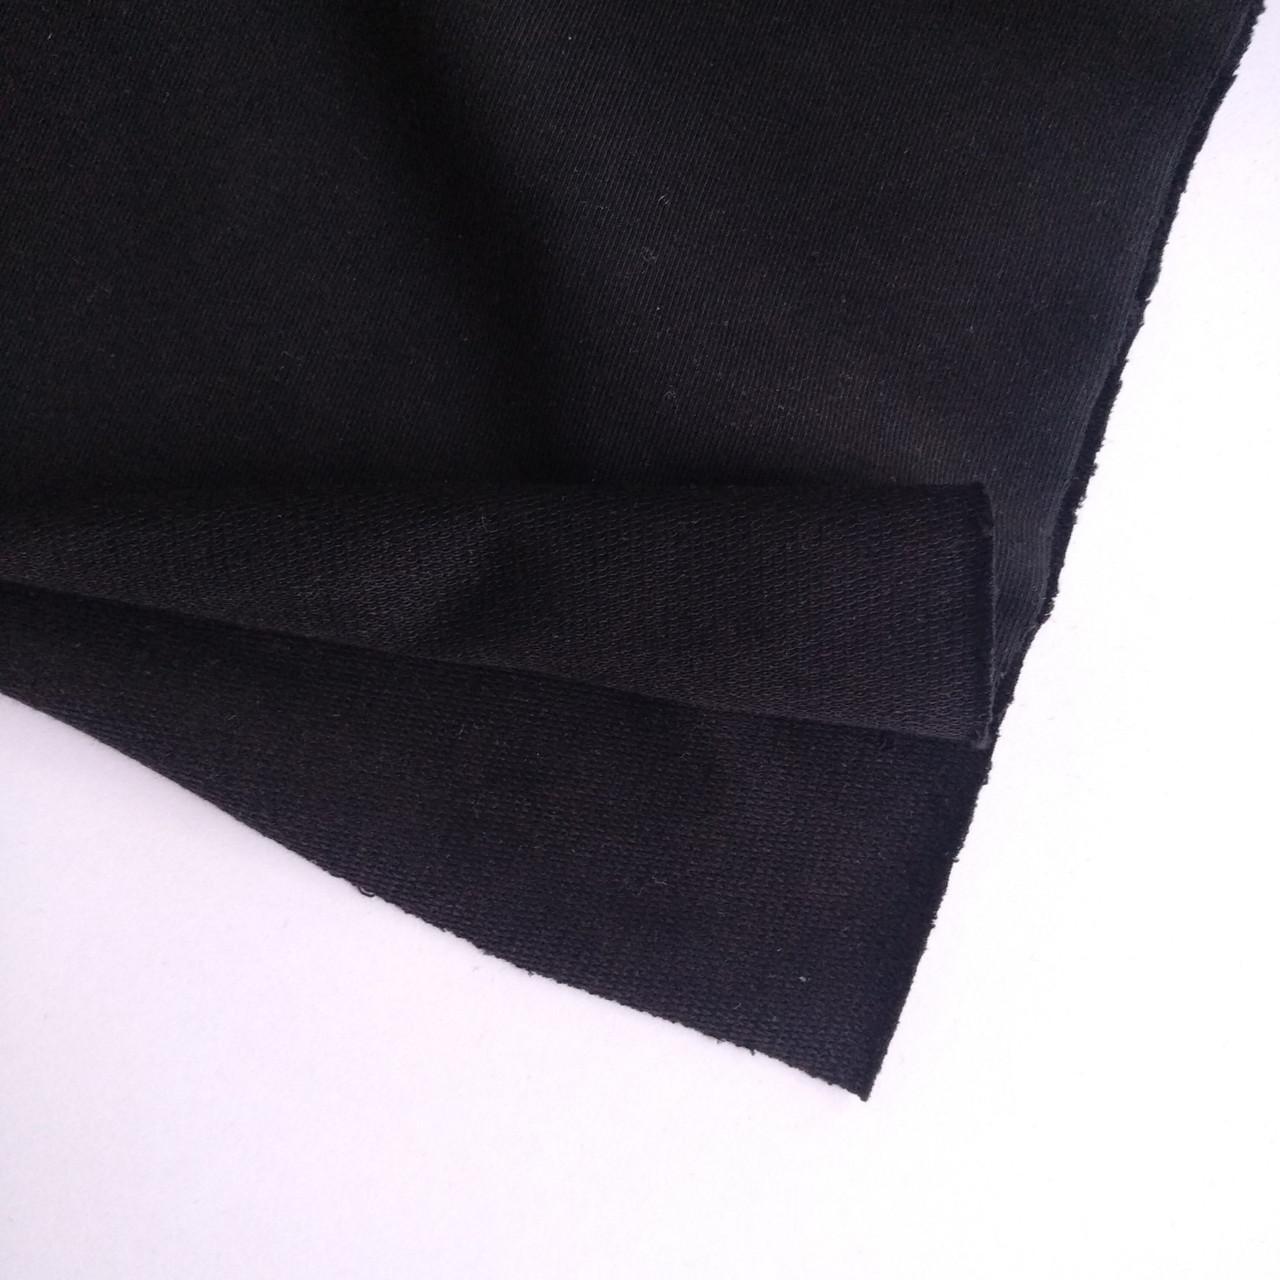 купить ткань футер и кашкорсе черный в нашем магазине